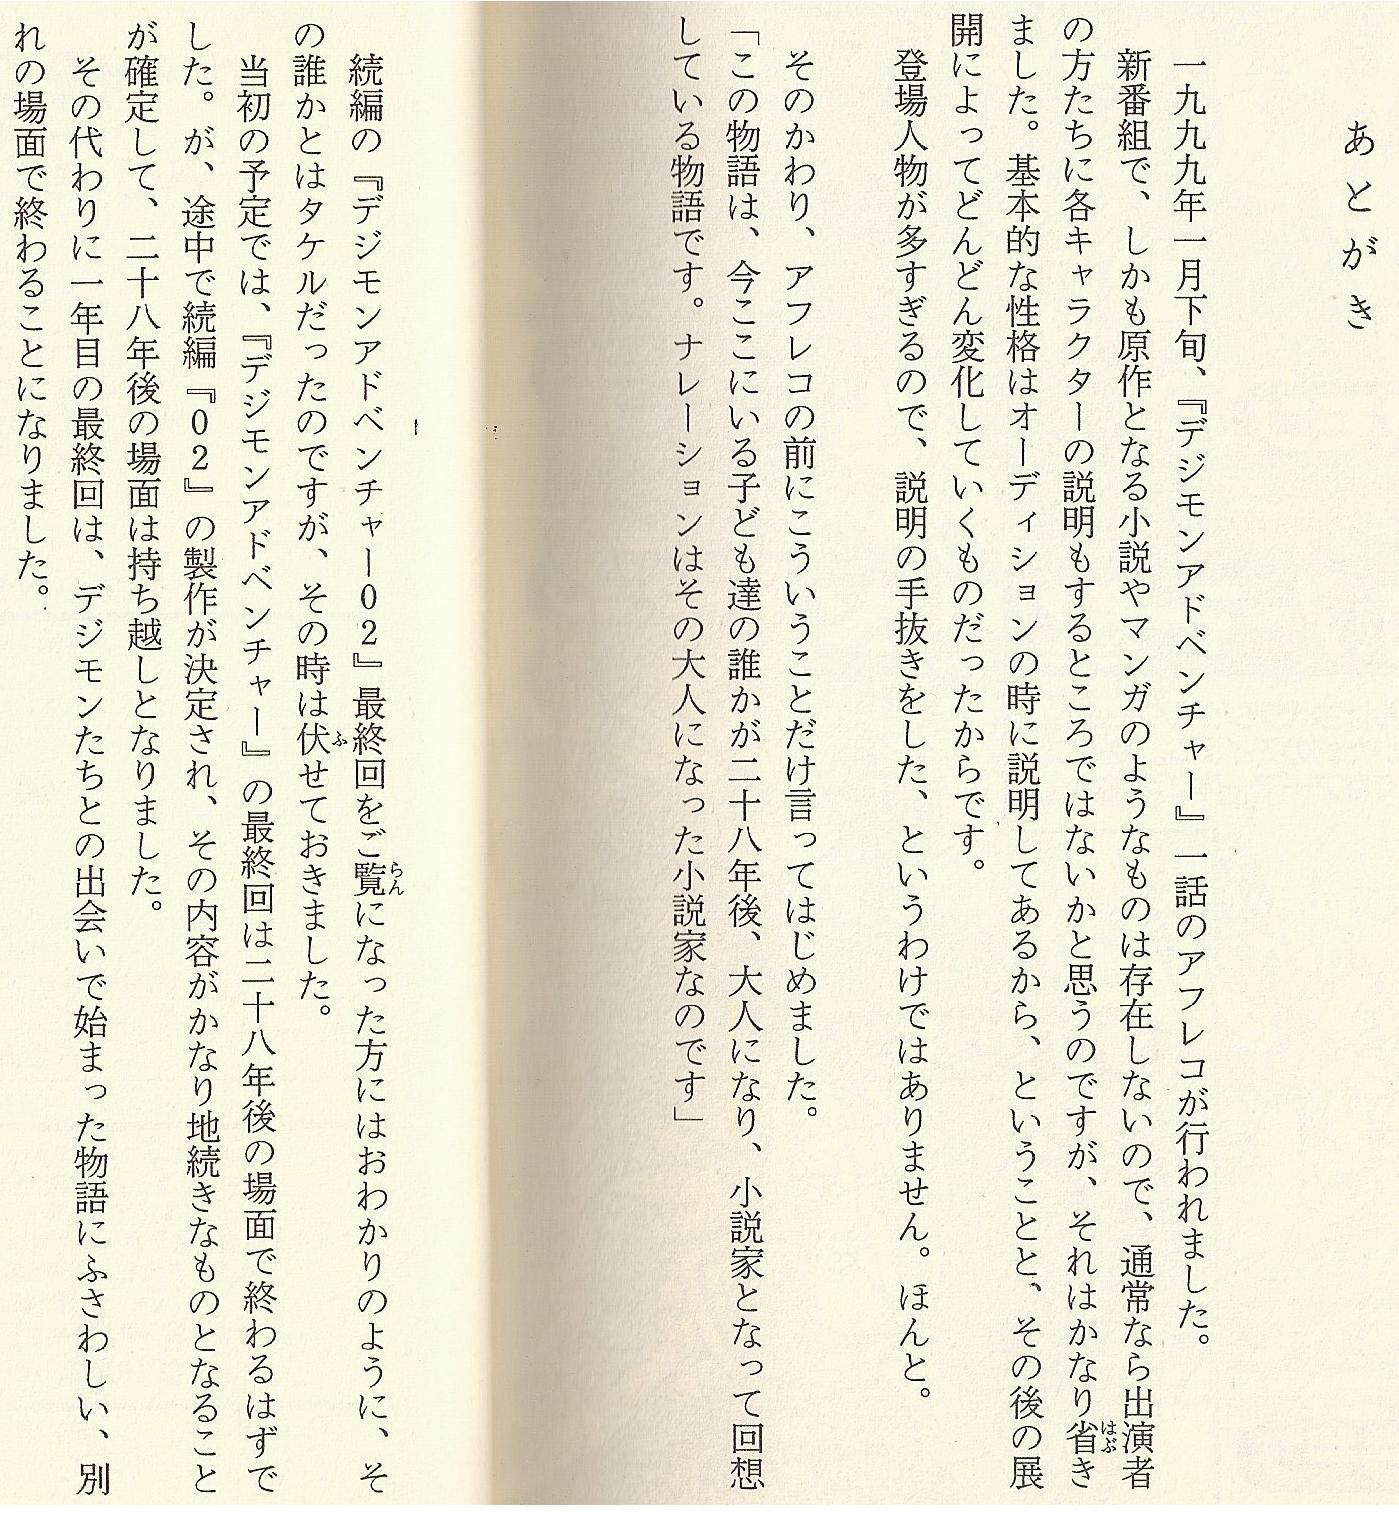 http://blog-imgs-61.fc2.com/k/y/a/kyarasokuhou/7ds8ybX.jpg